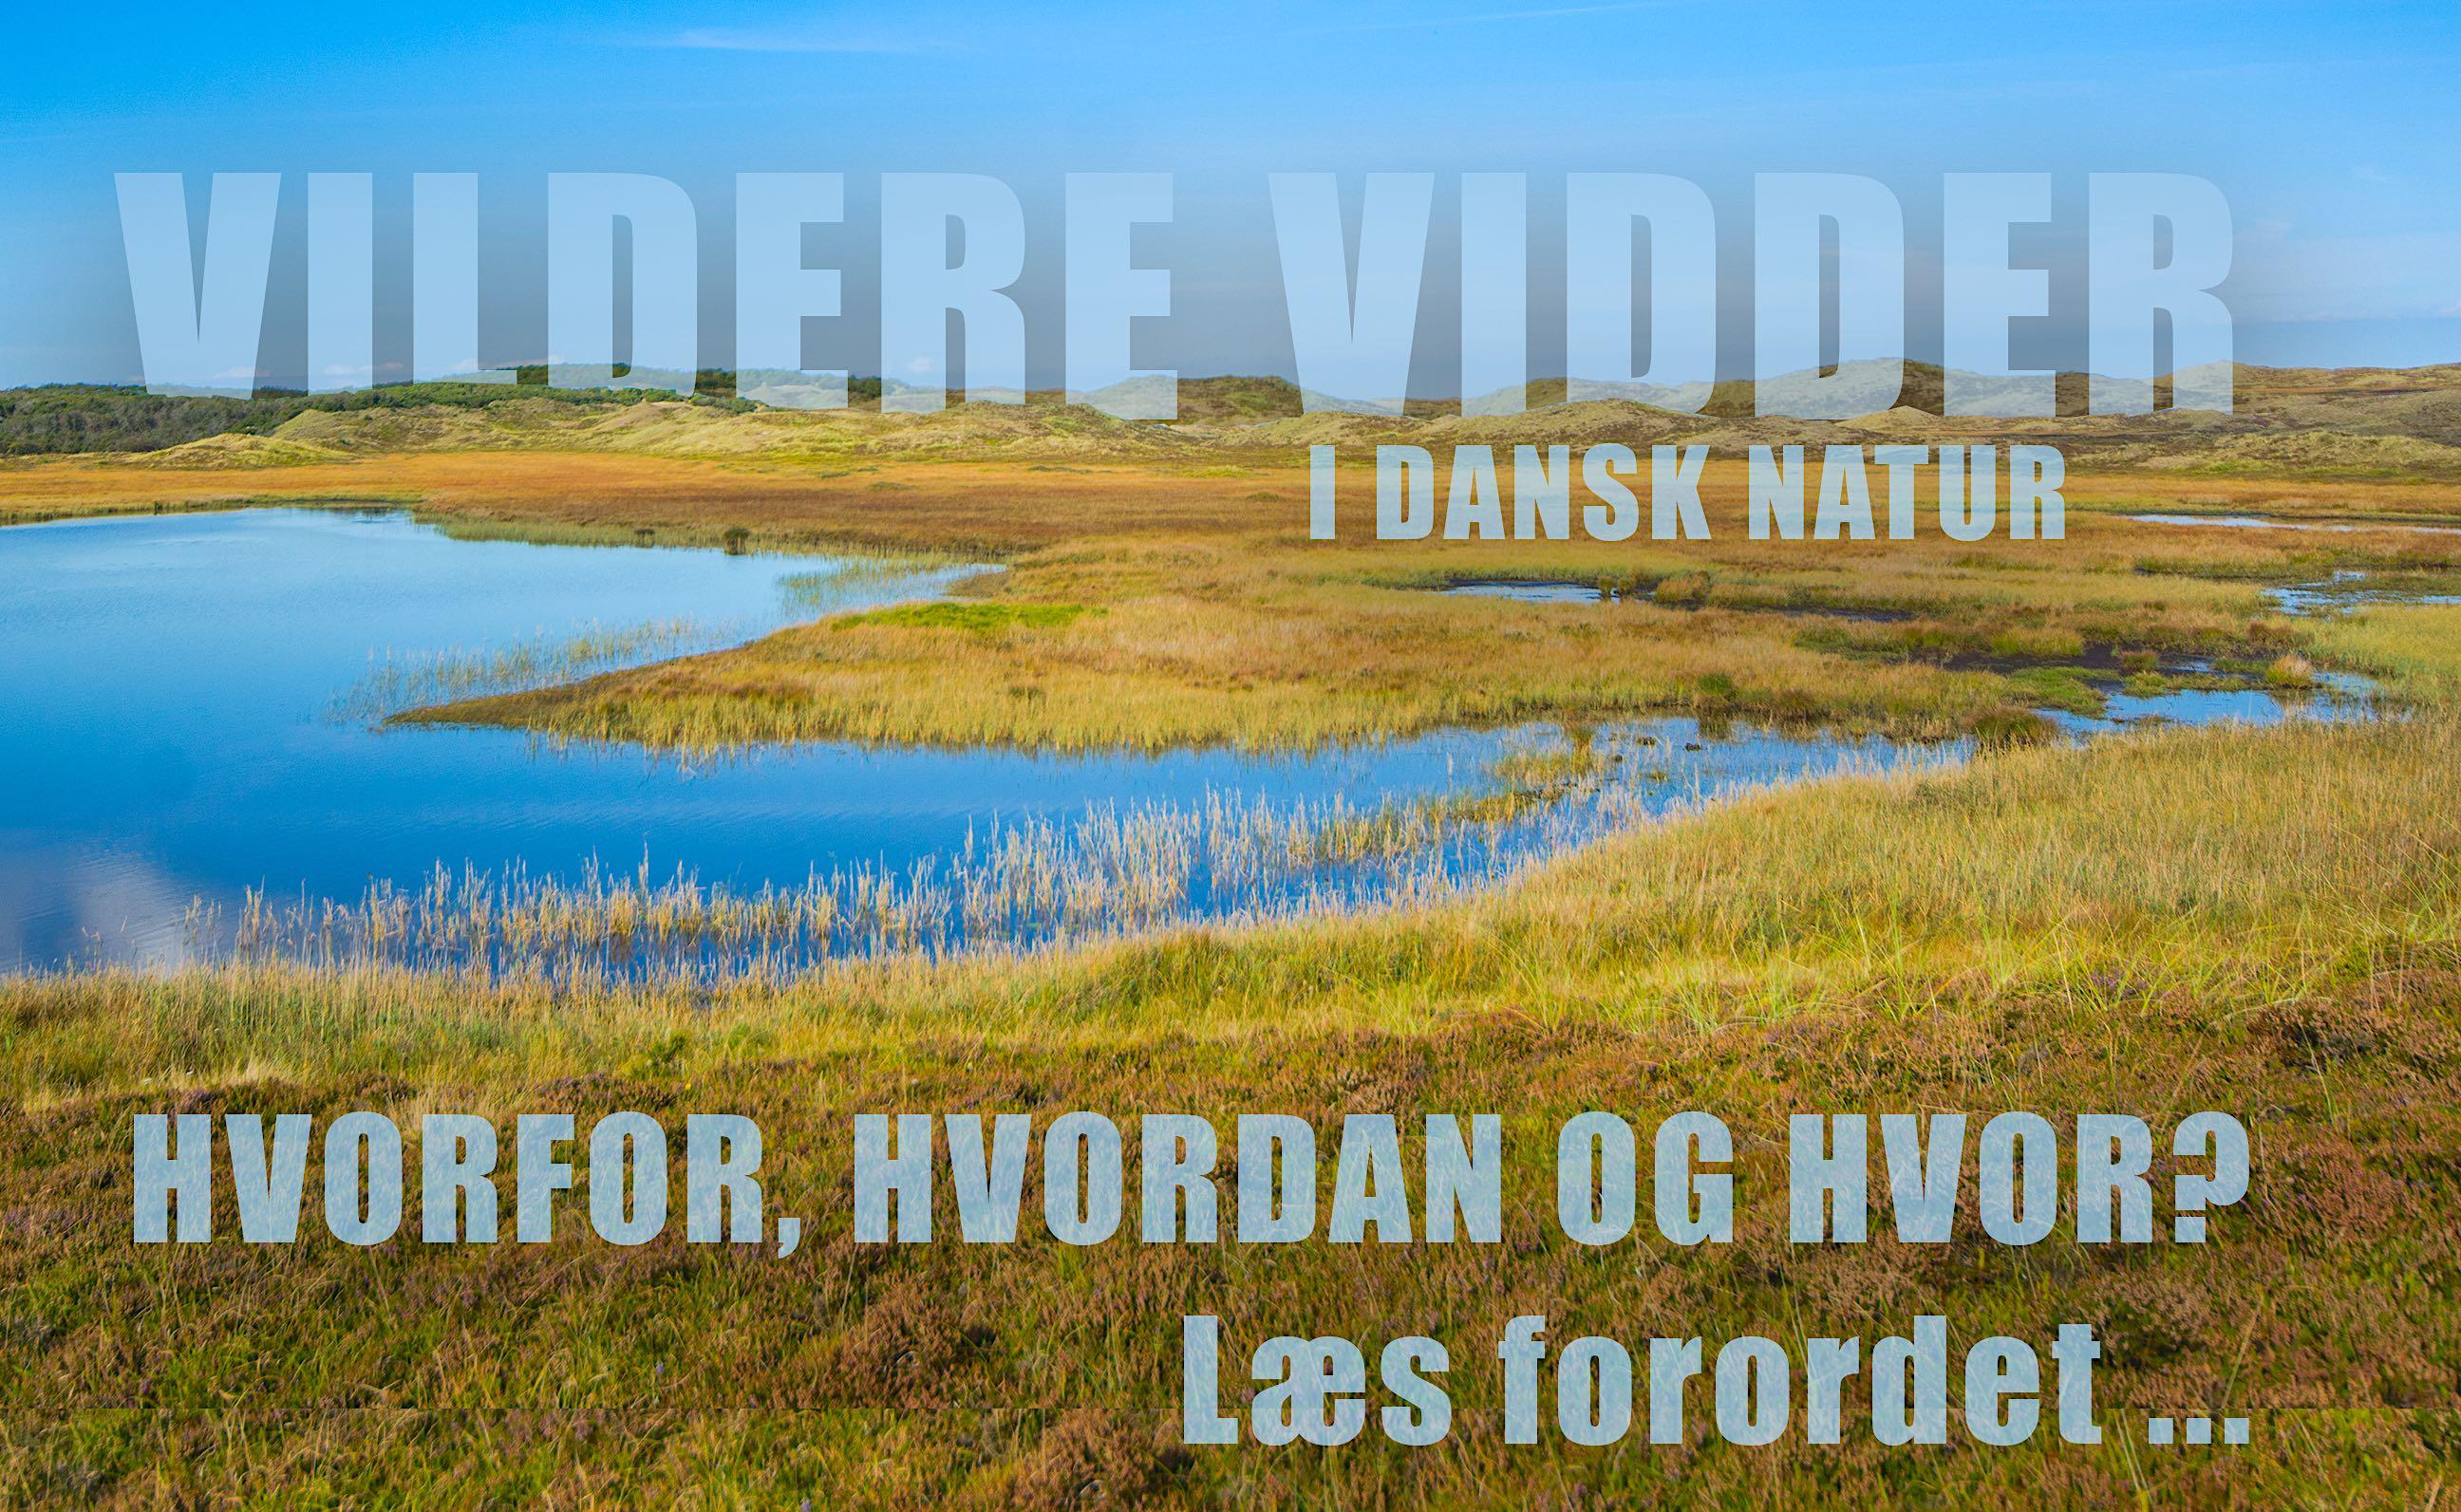 PR-foto: 'Vildere vidder i dansk natur'